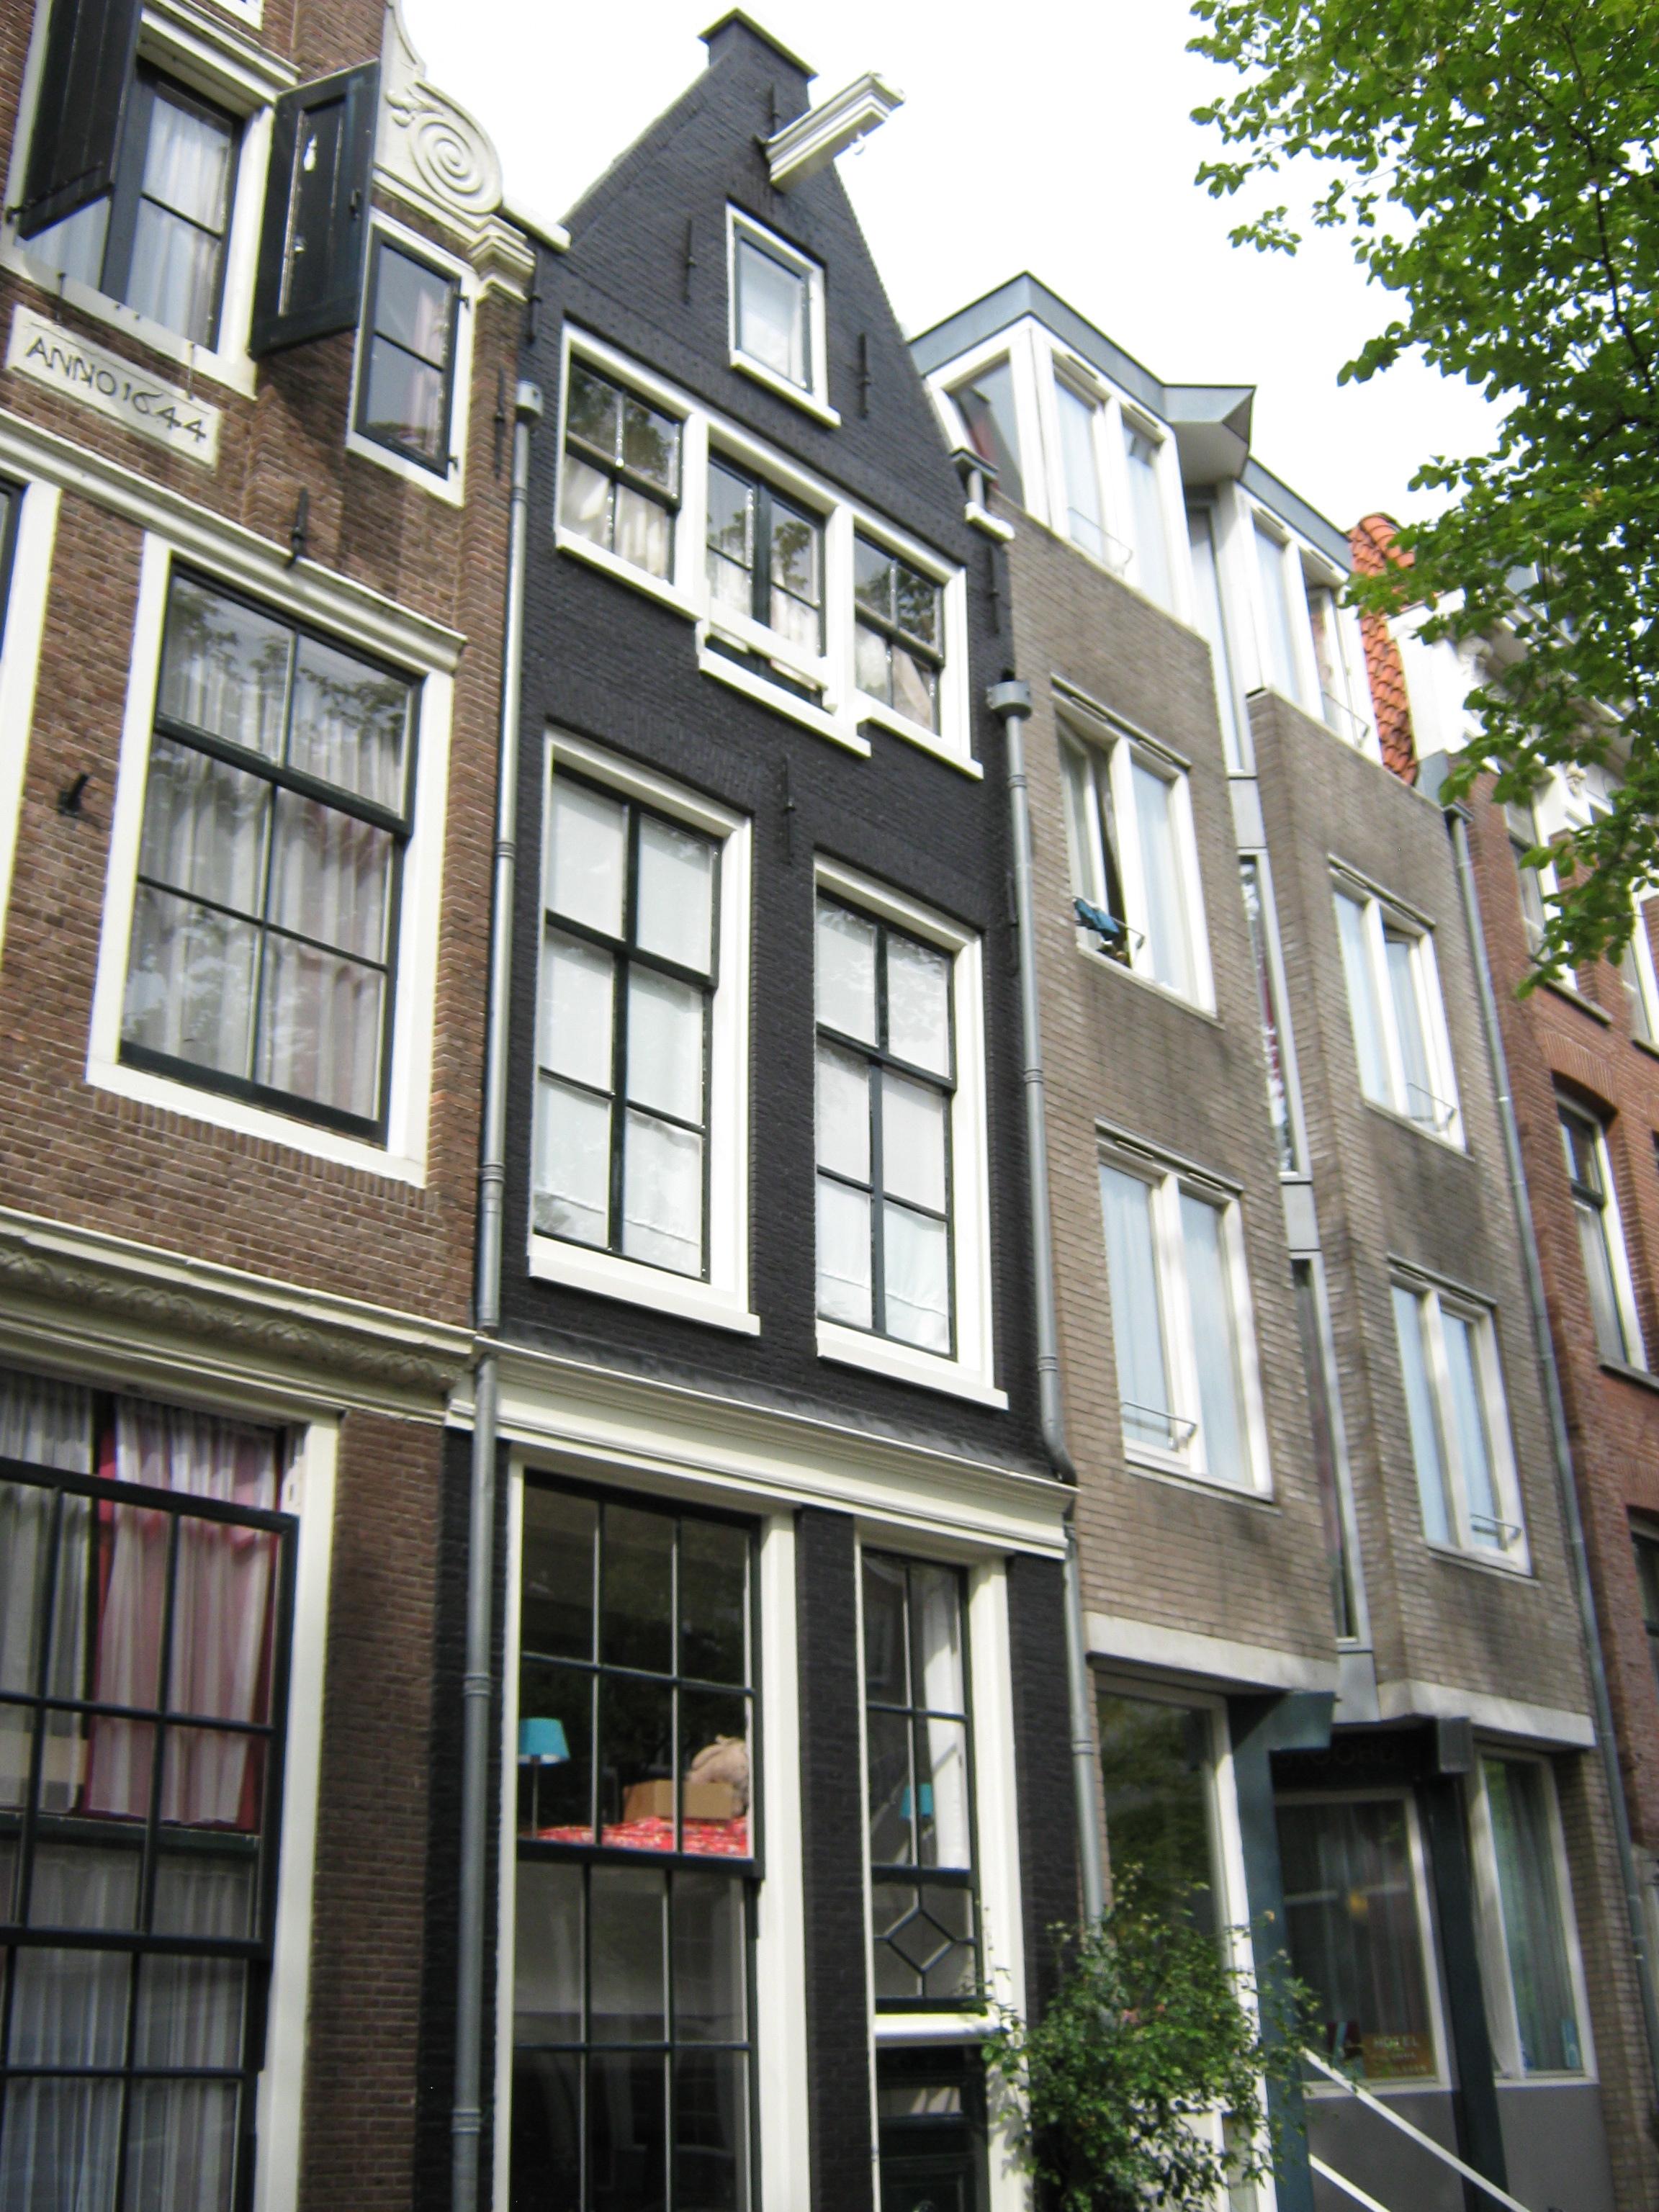 Huis met gevel onder punttop in amsterdam monument - Huis gevel ...